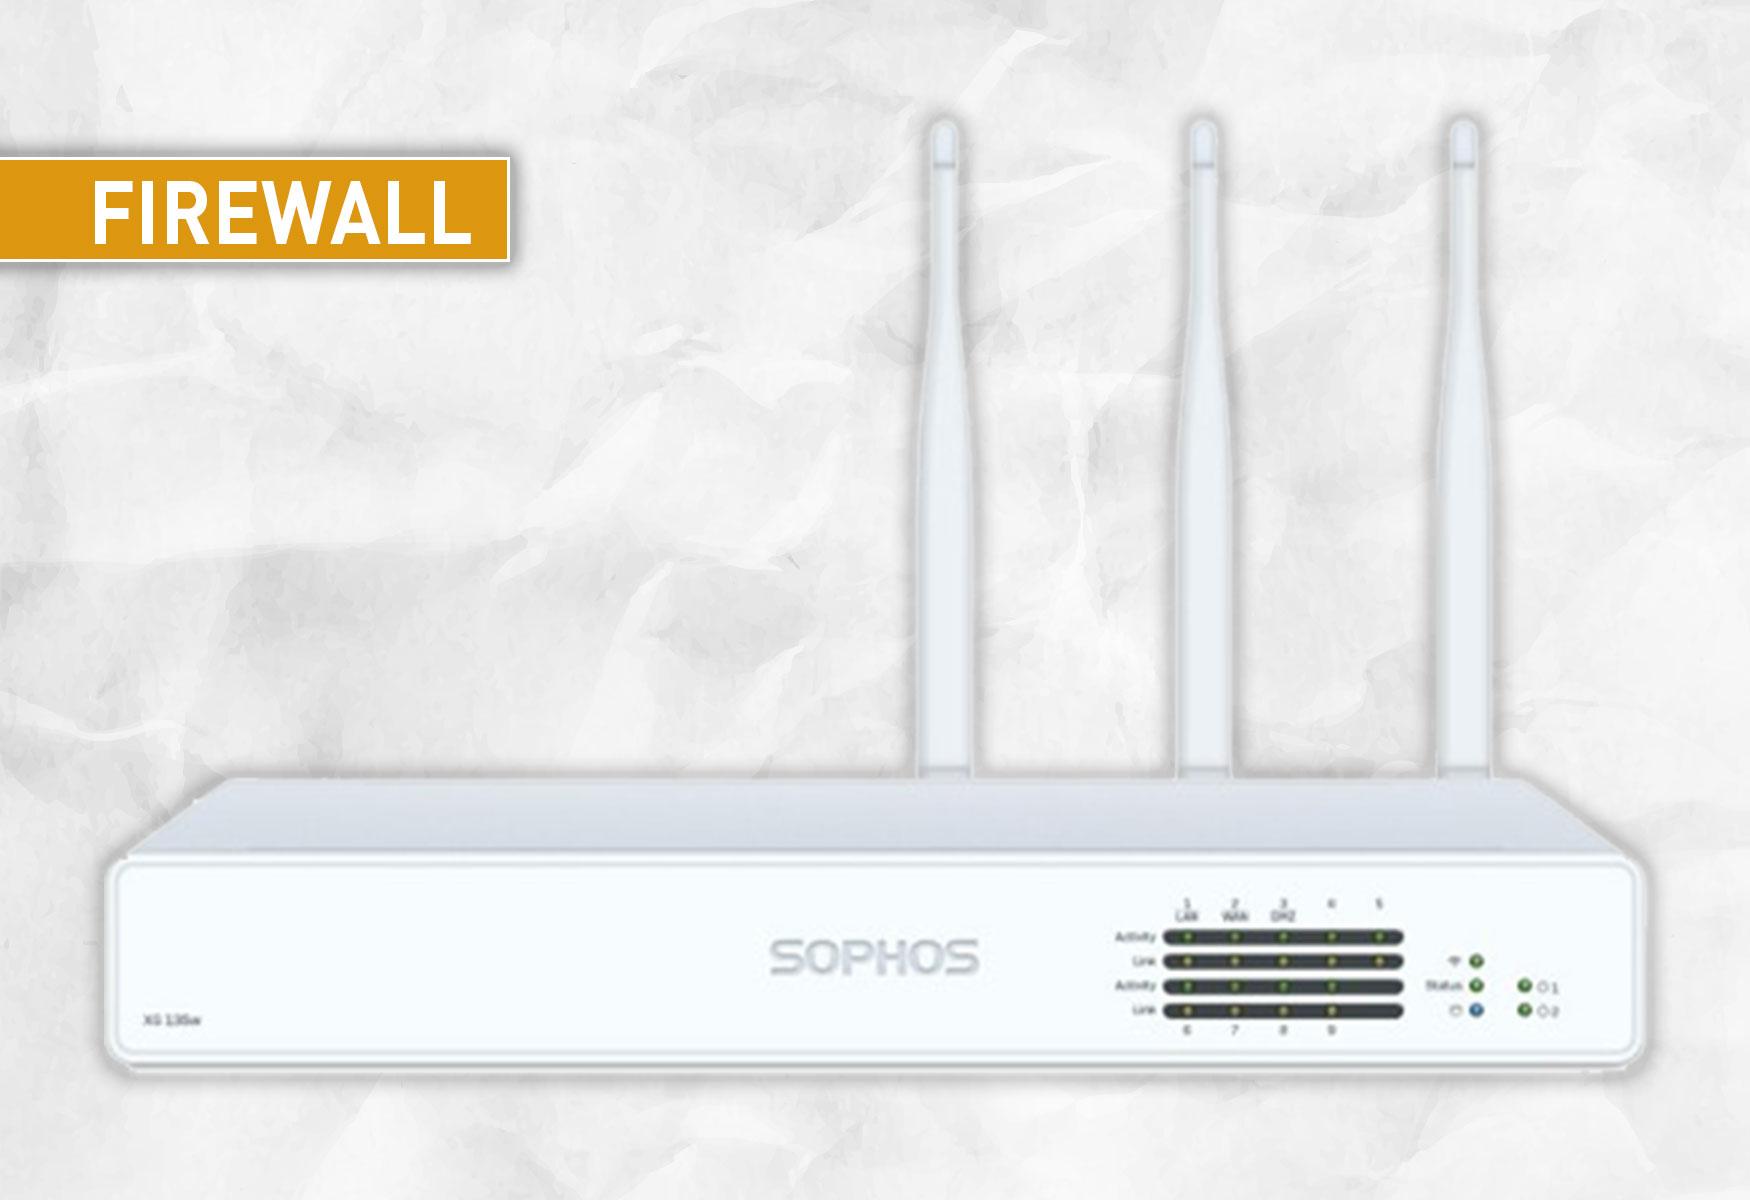 firewall-sicherheit-netzwerk-edv-it-orange-computer